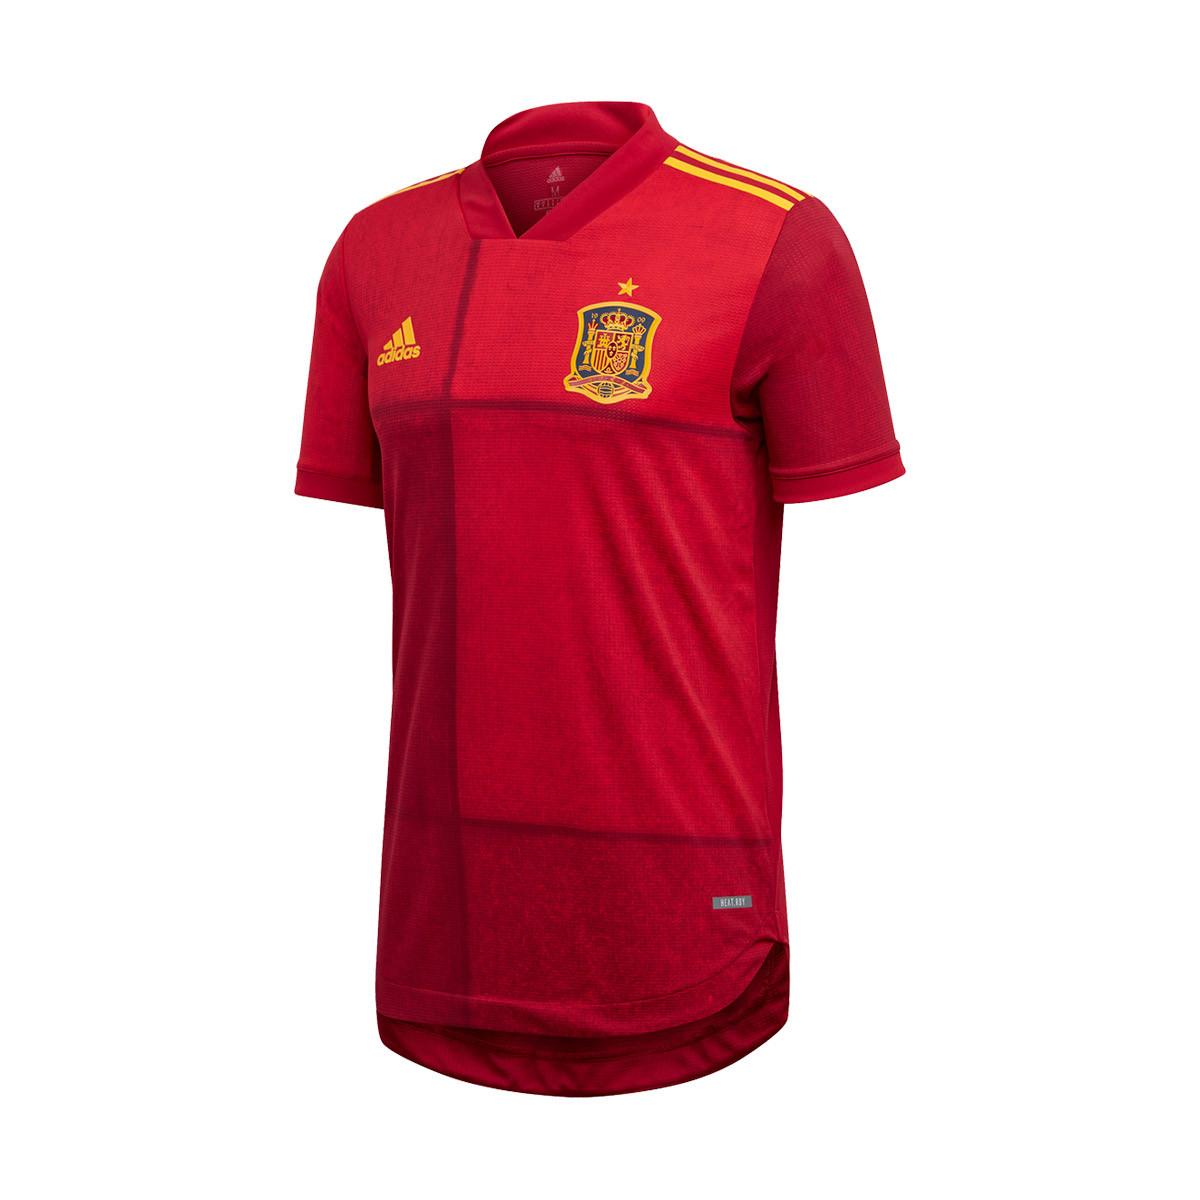 Circular Hablar en voz alta prisión  Camiseta adidas España Primera Equipación Authentic 2019-2020 Victory red -  Tienda de fútbol Fútbol Emotion